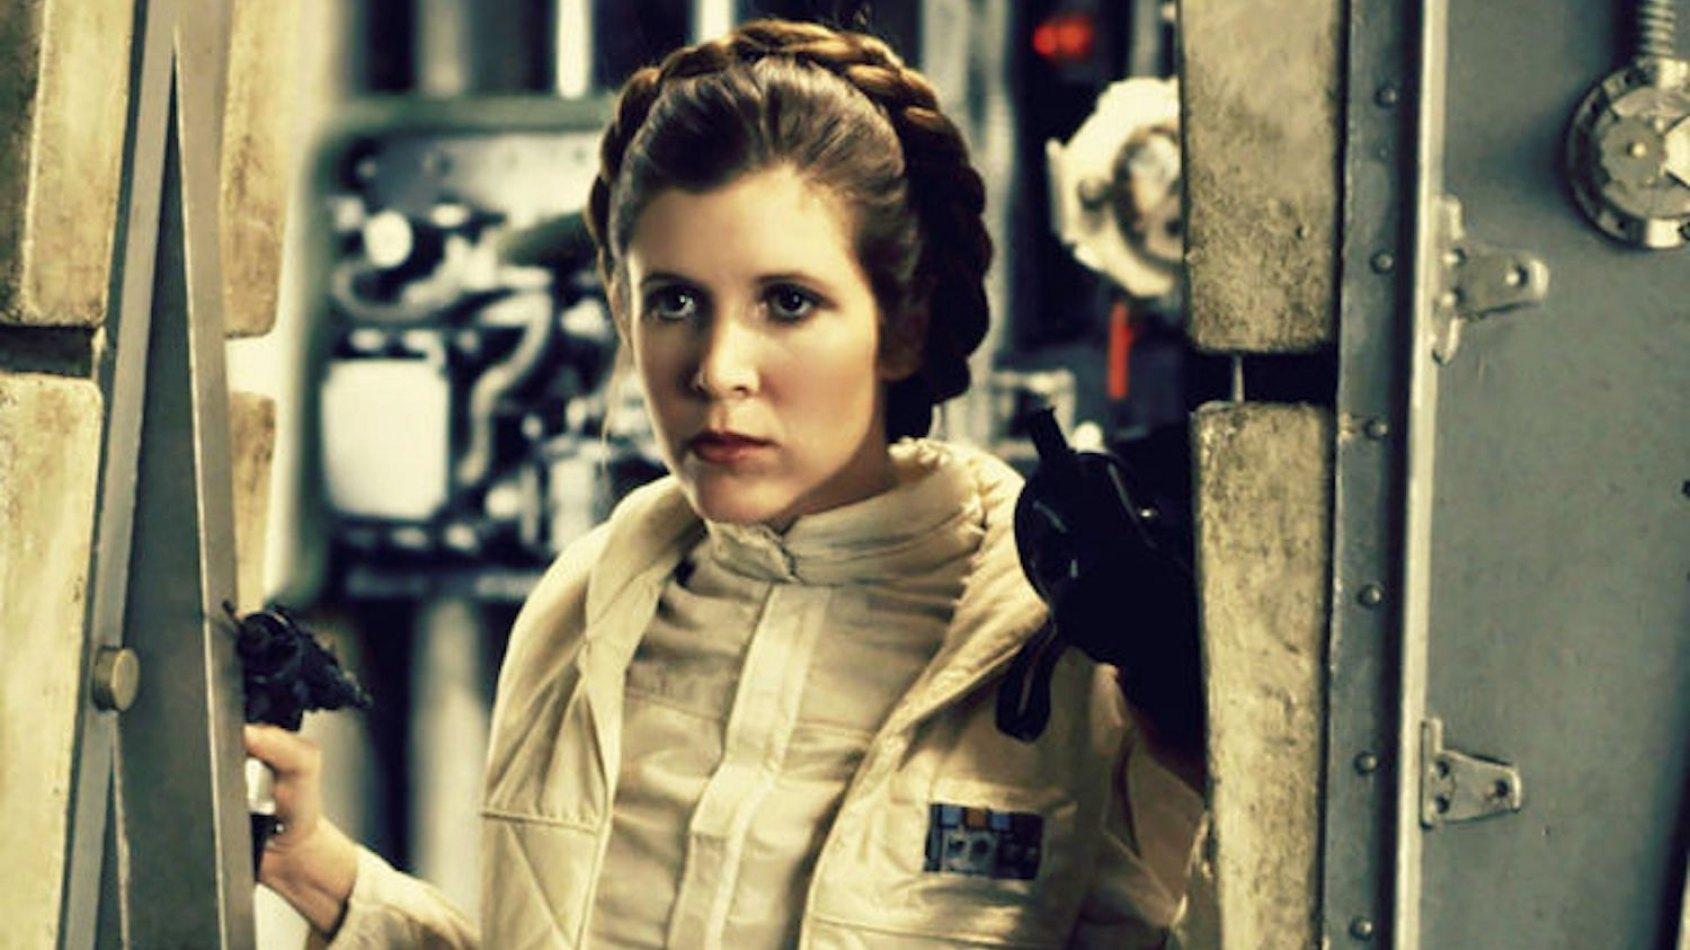 La Princesse Leia dans Rogue One?